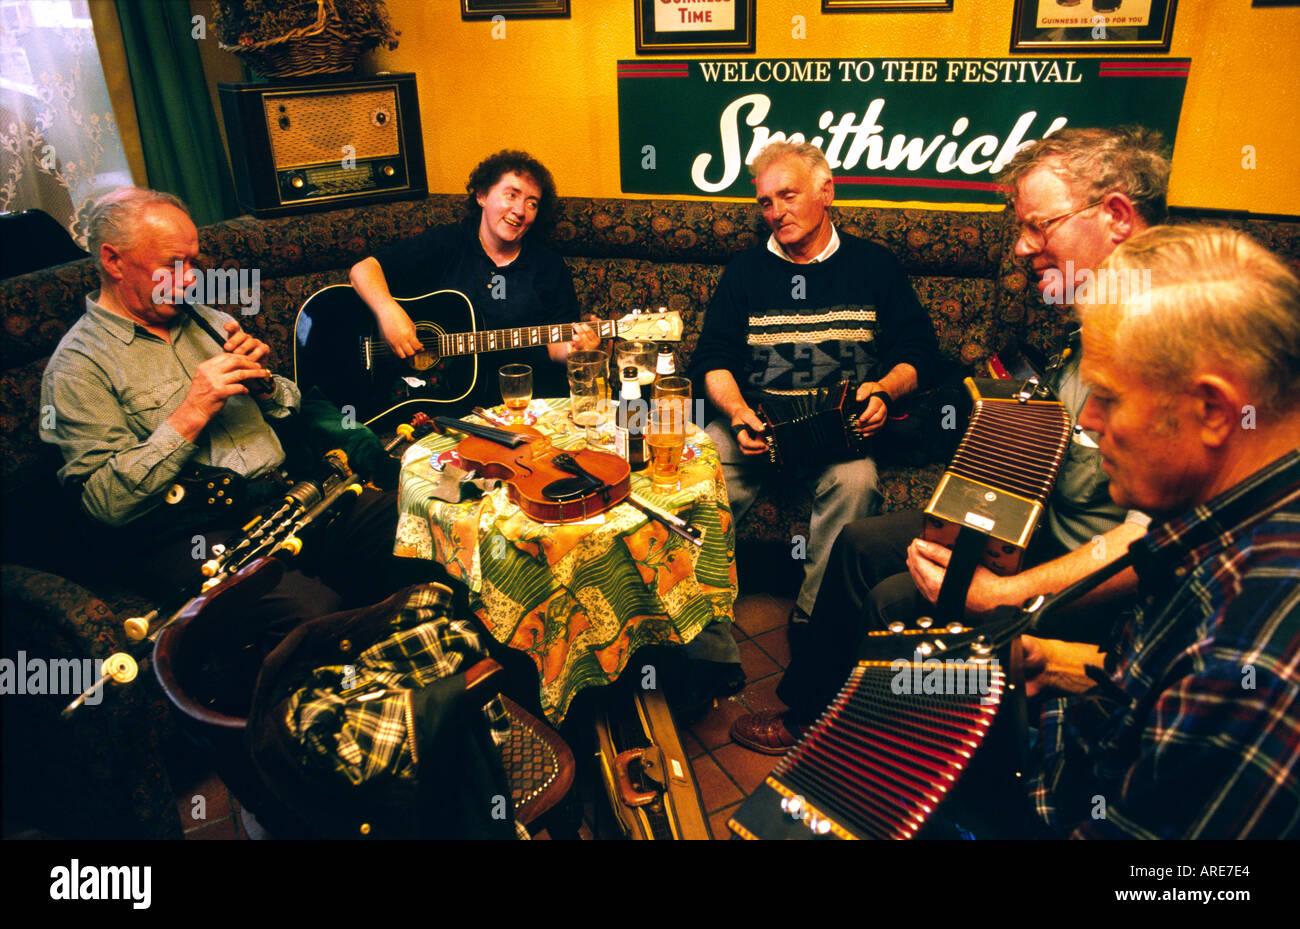 Traditionelles irisches Pub Musiker Musizieren in der Insel-Haus-Bar in der Stadt von Kilrush, County Clare, West-Irland. Stockbild